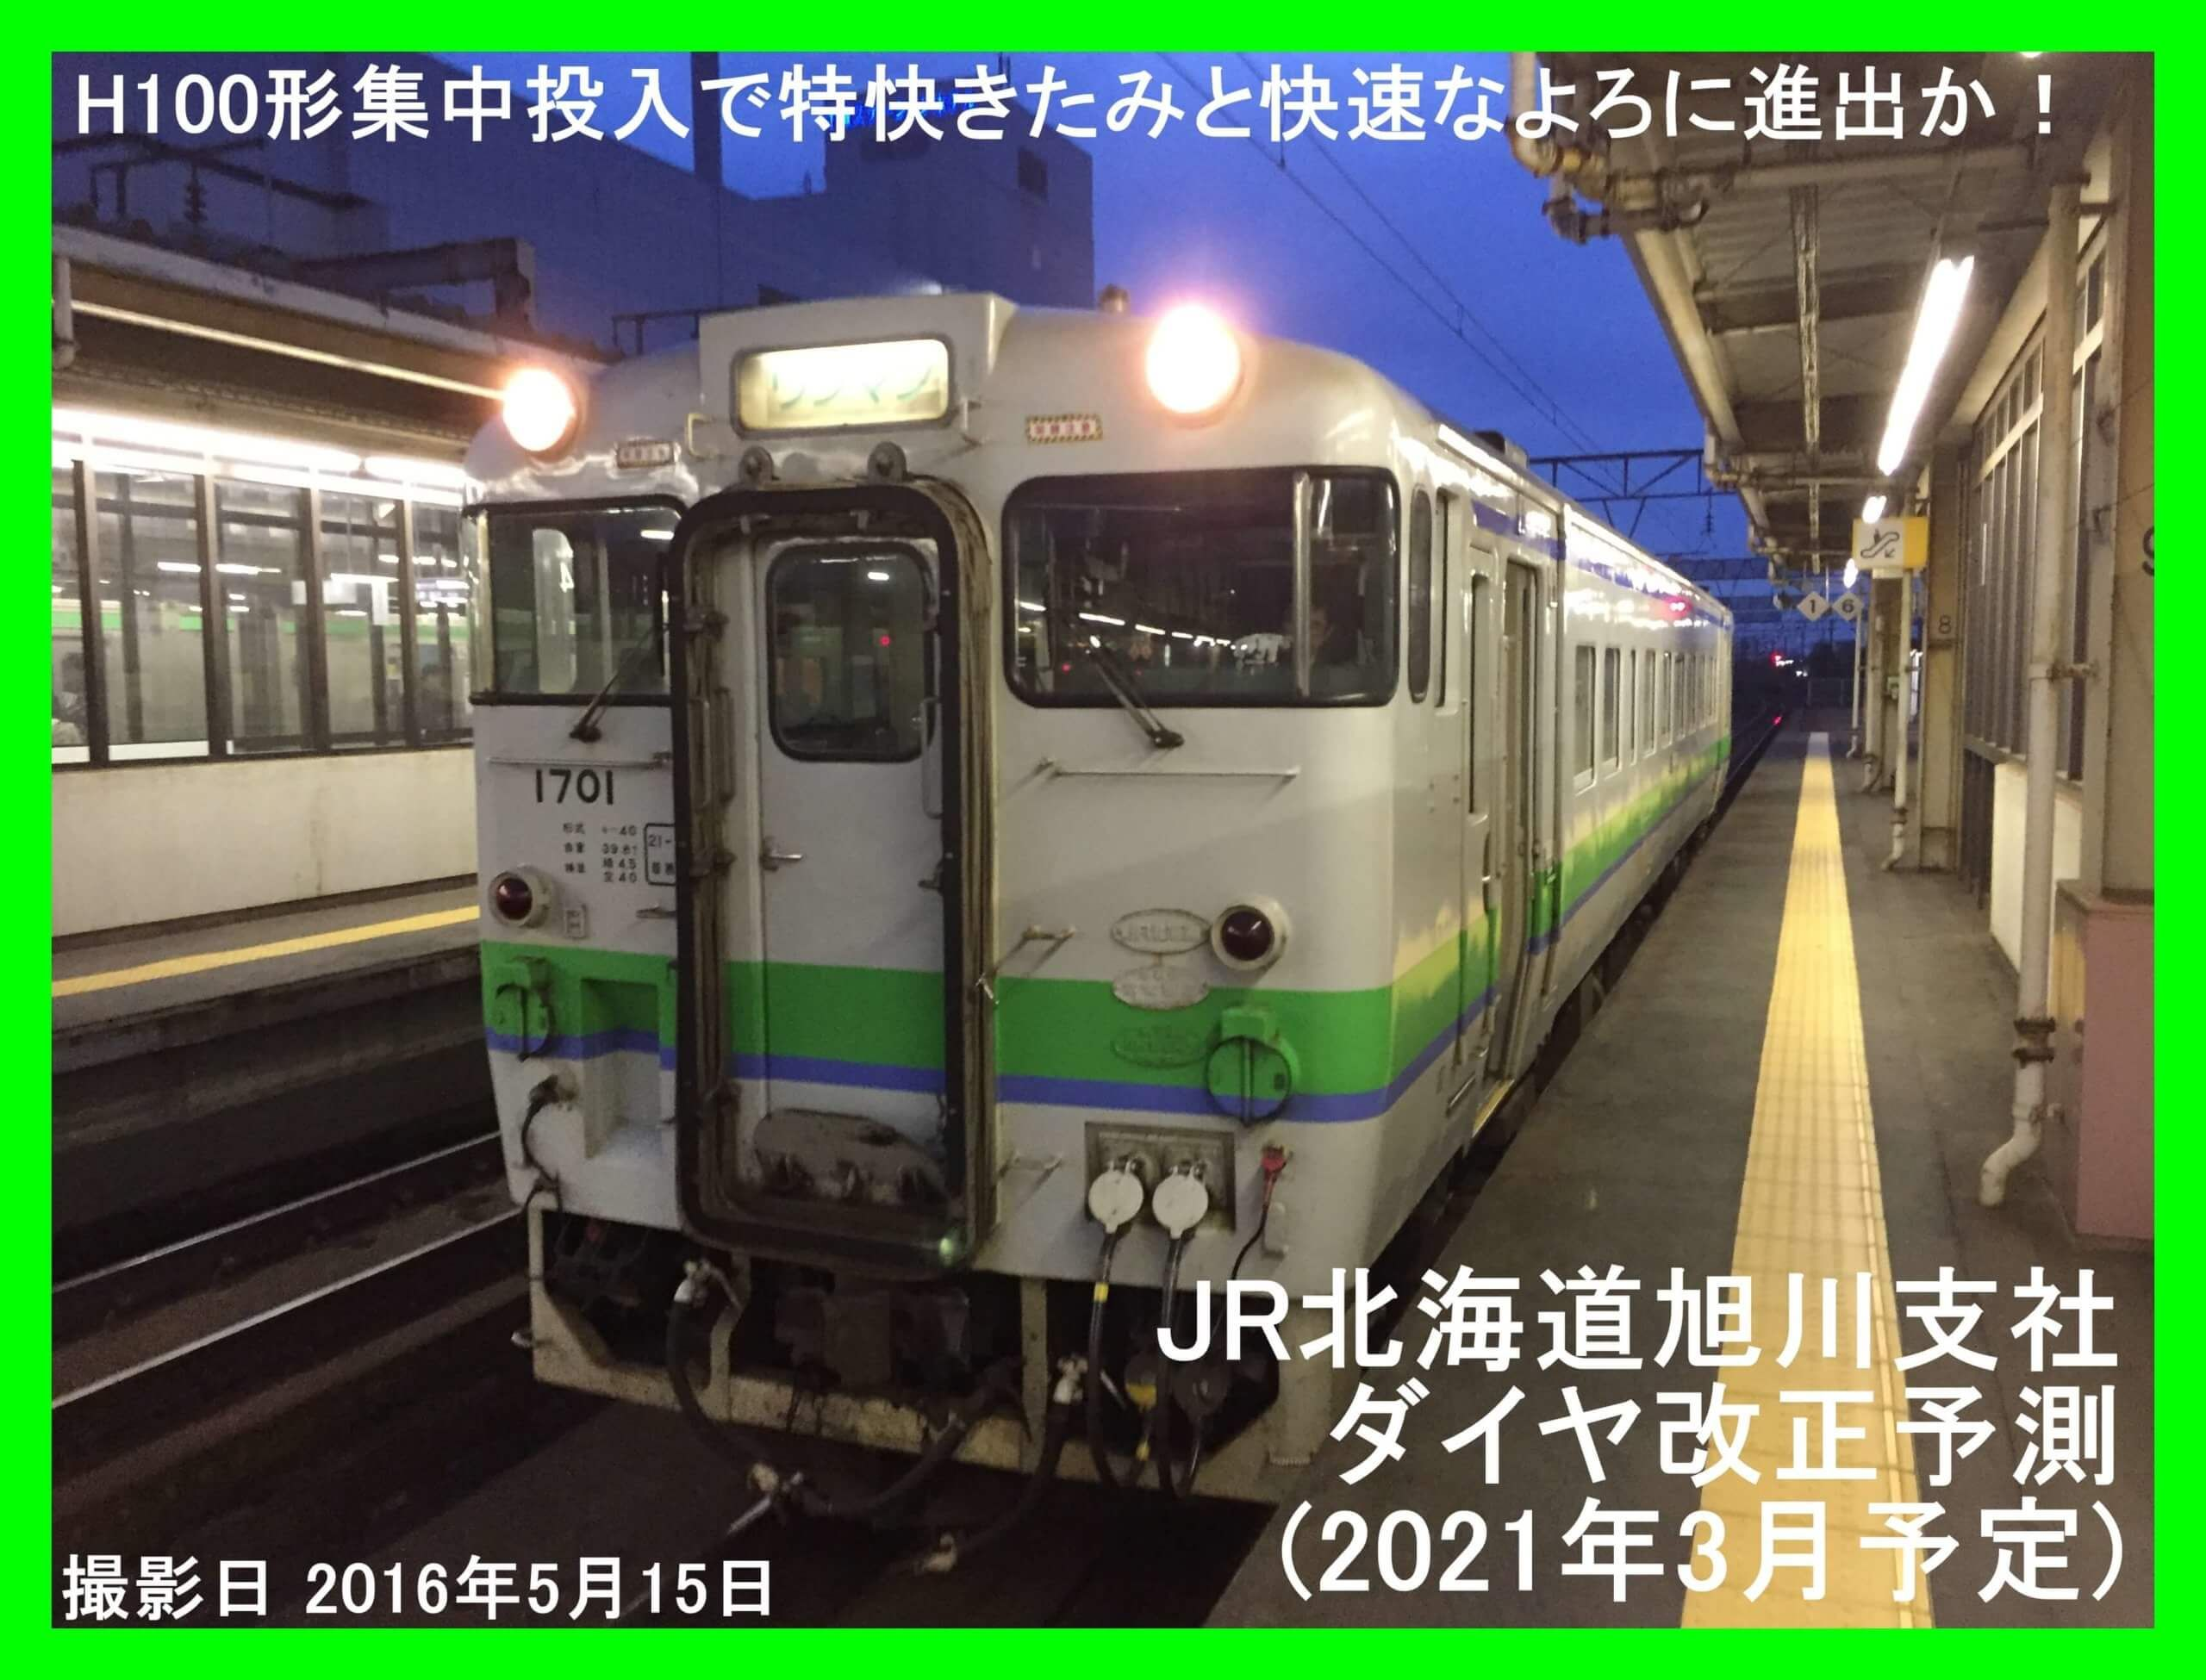 ダイヤ 改正 2021